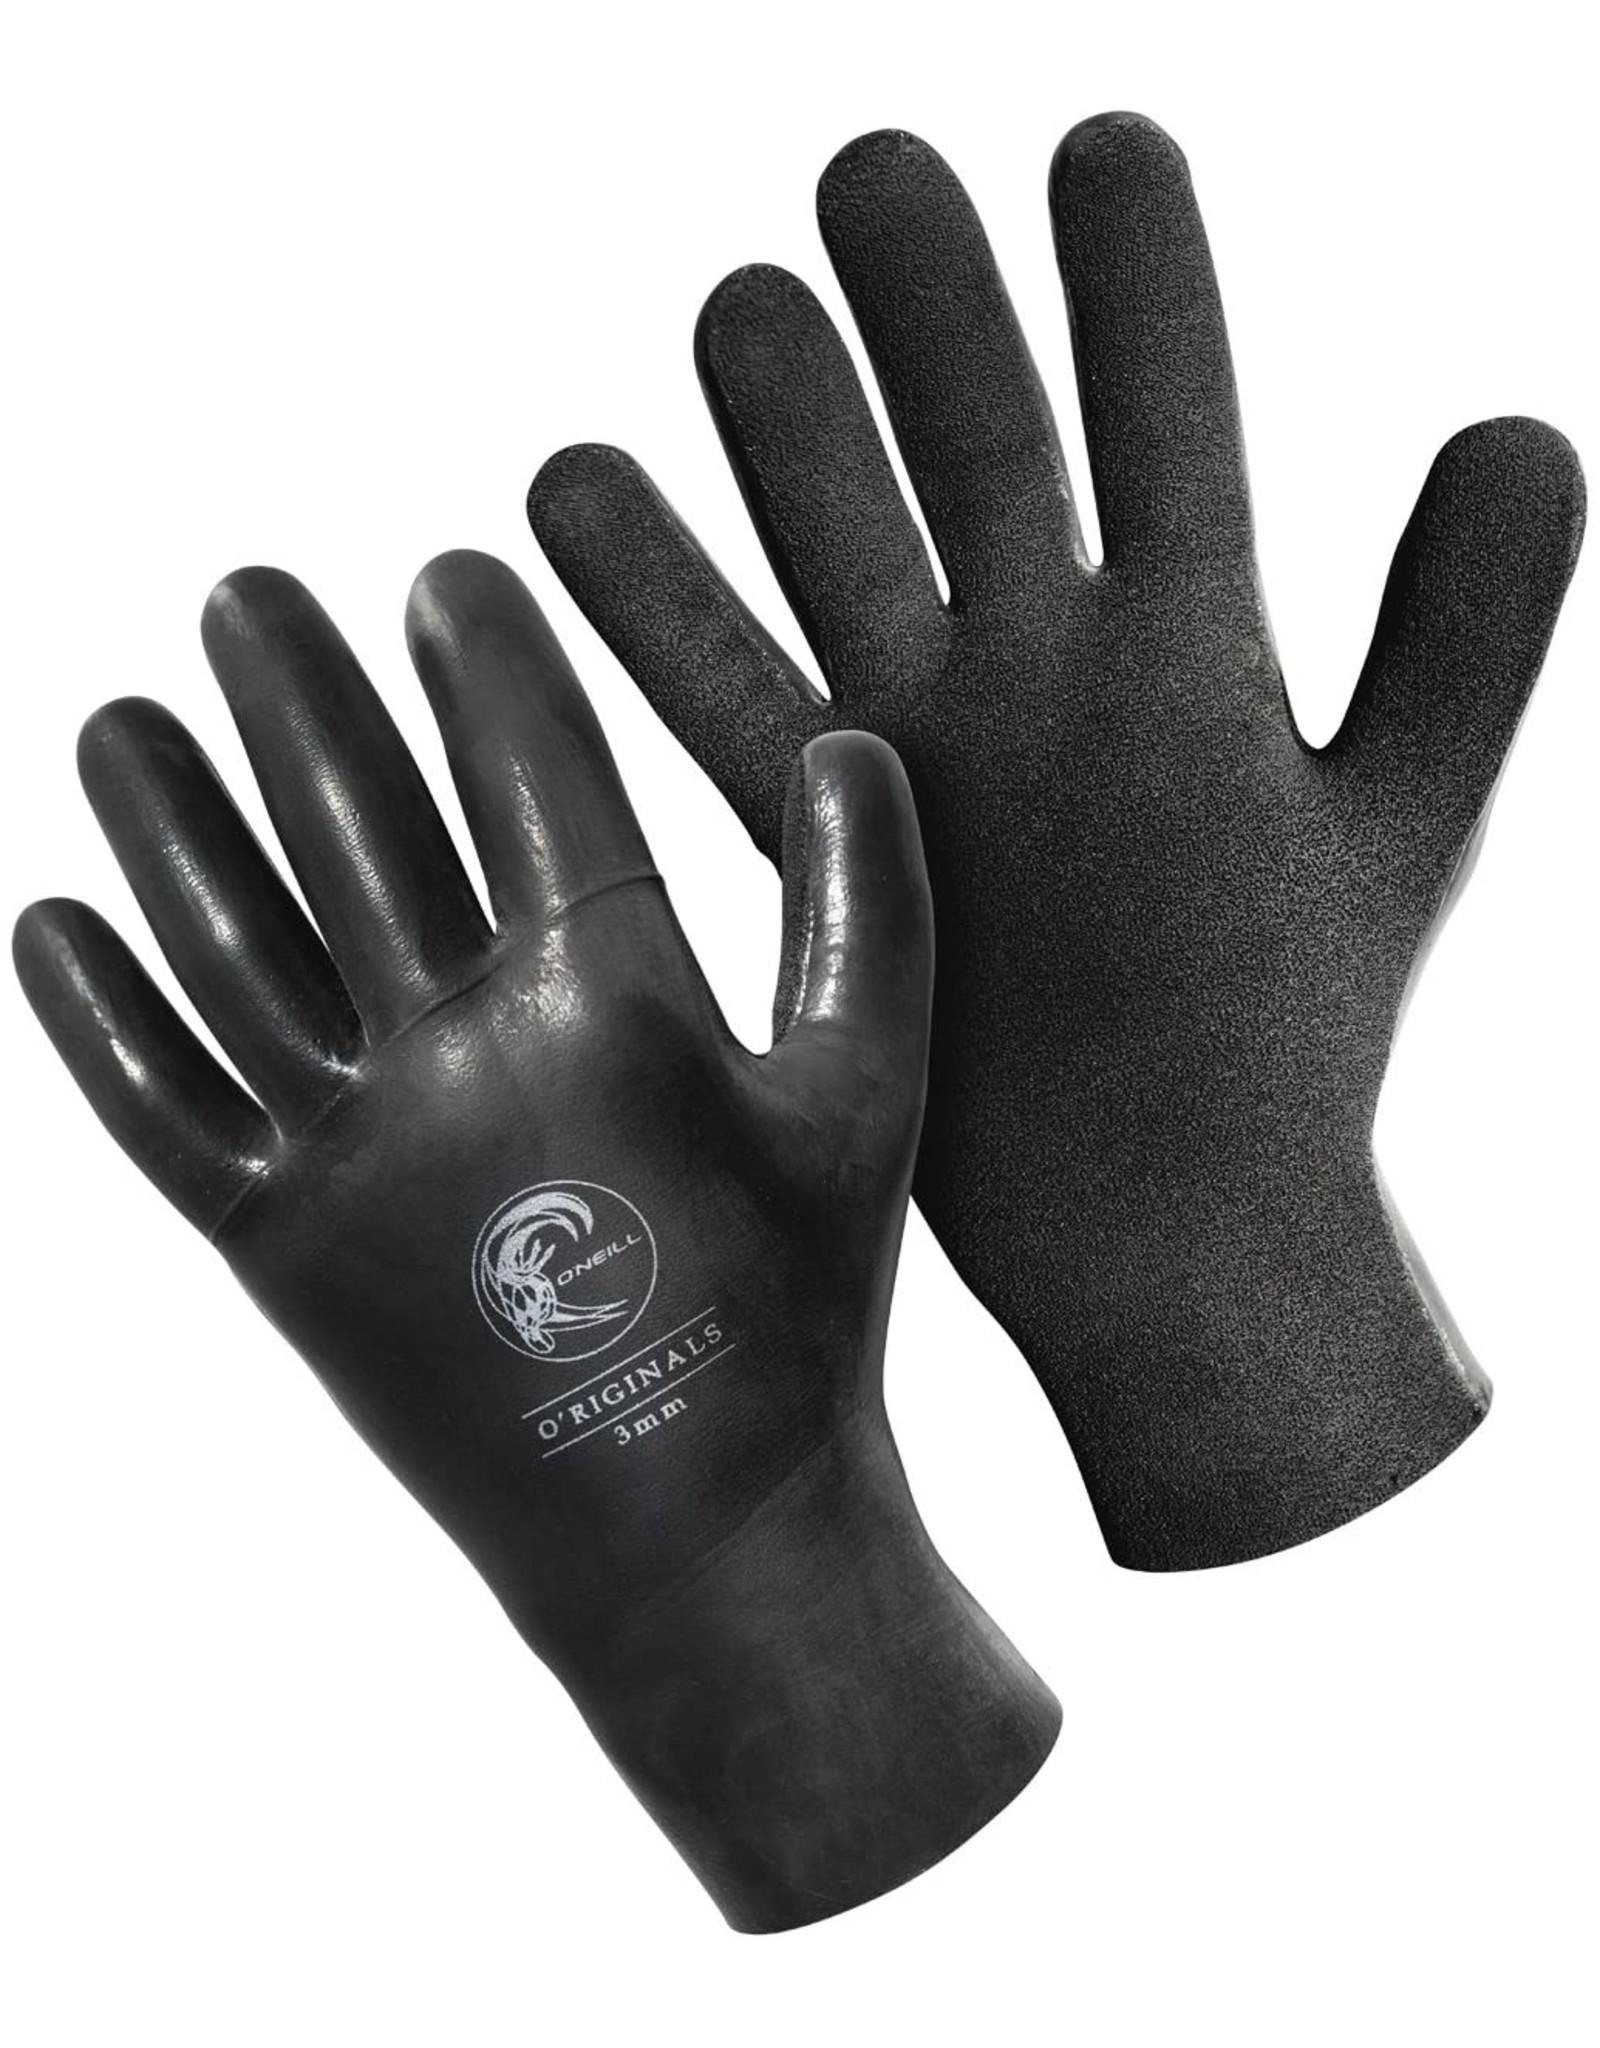 O'Neill 3 MM Originals Glove